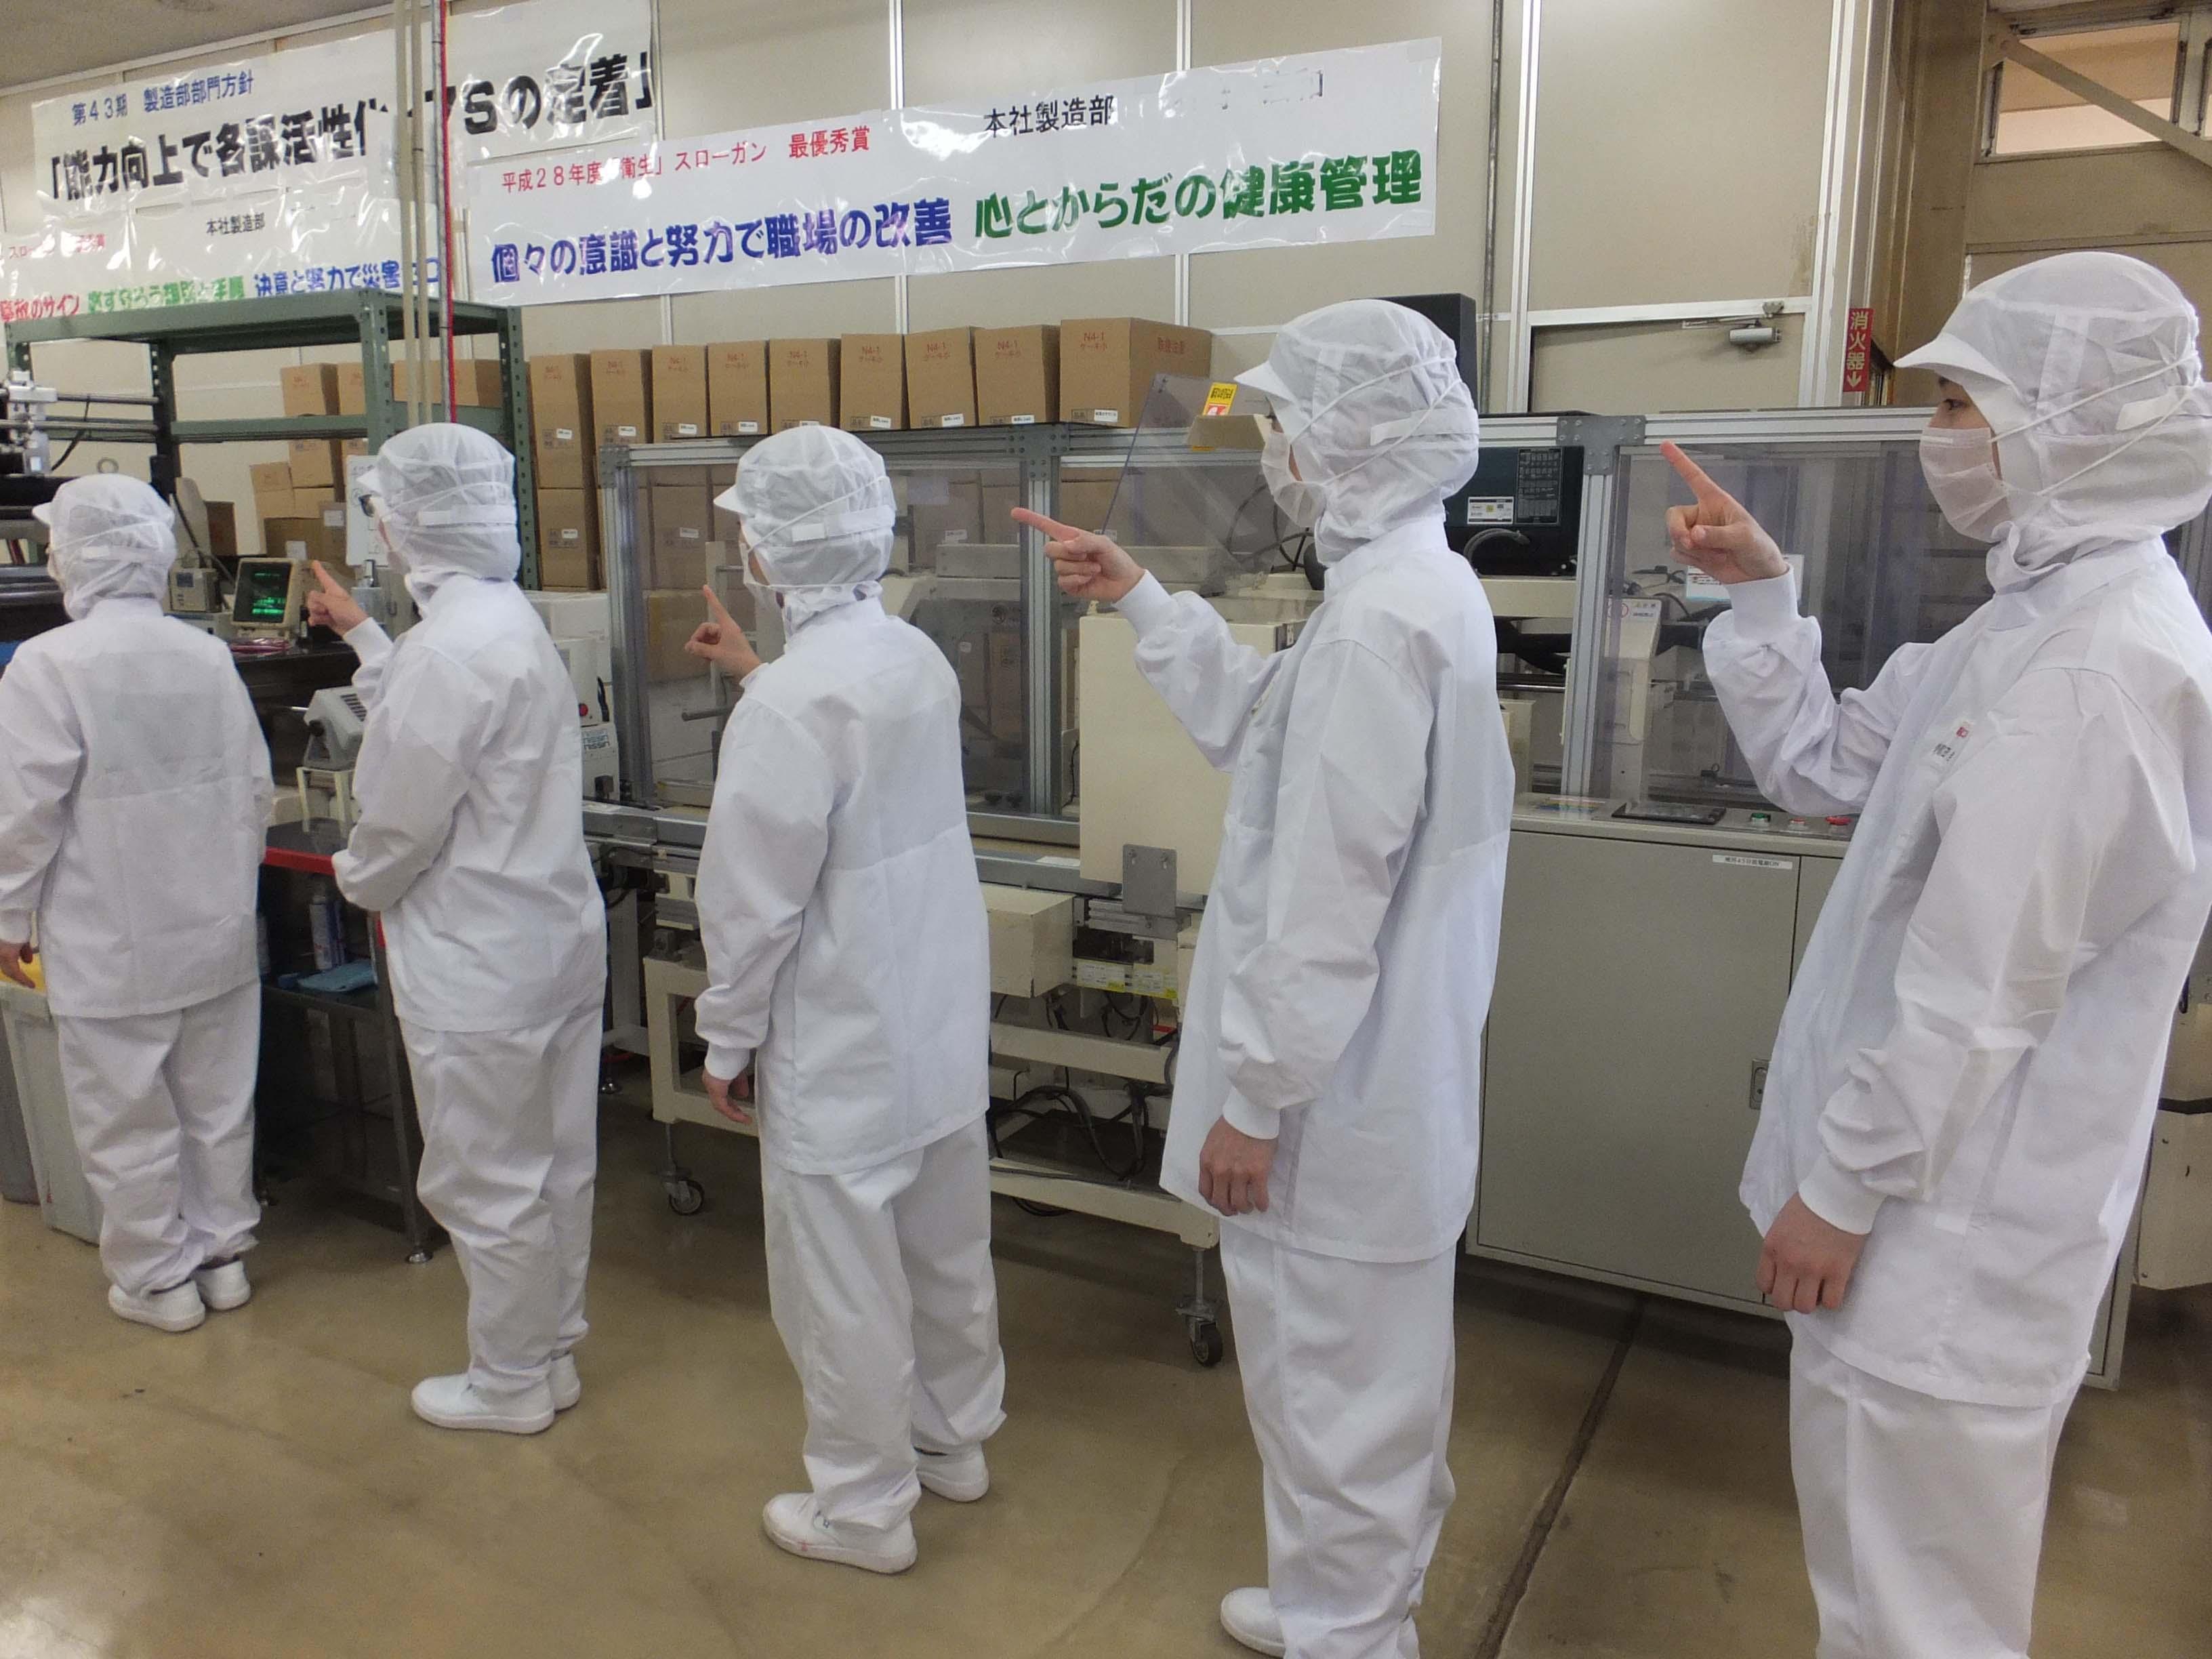 Đơn hàng cơm hộp Nhật Bản LƯƠNG CAO tại fukuoka